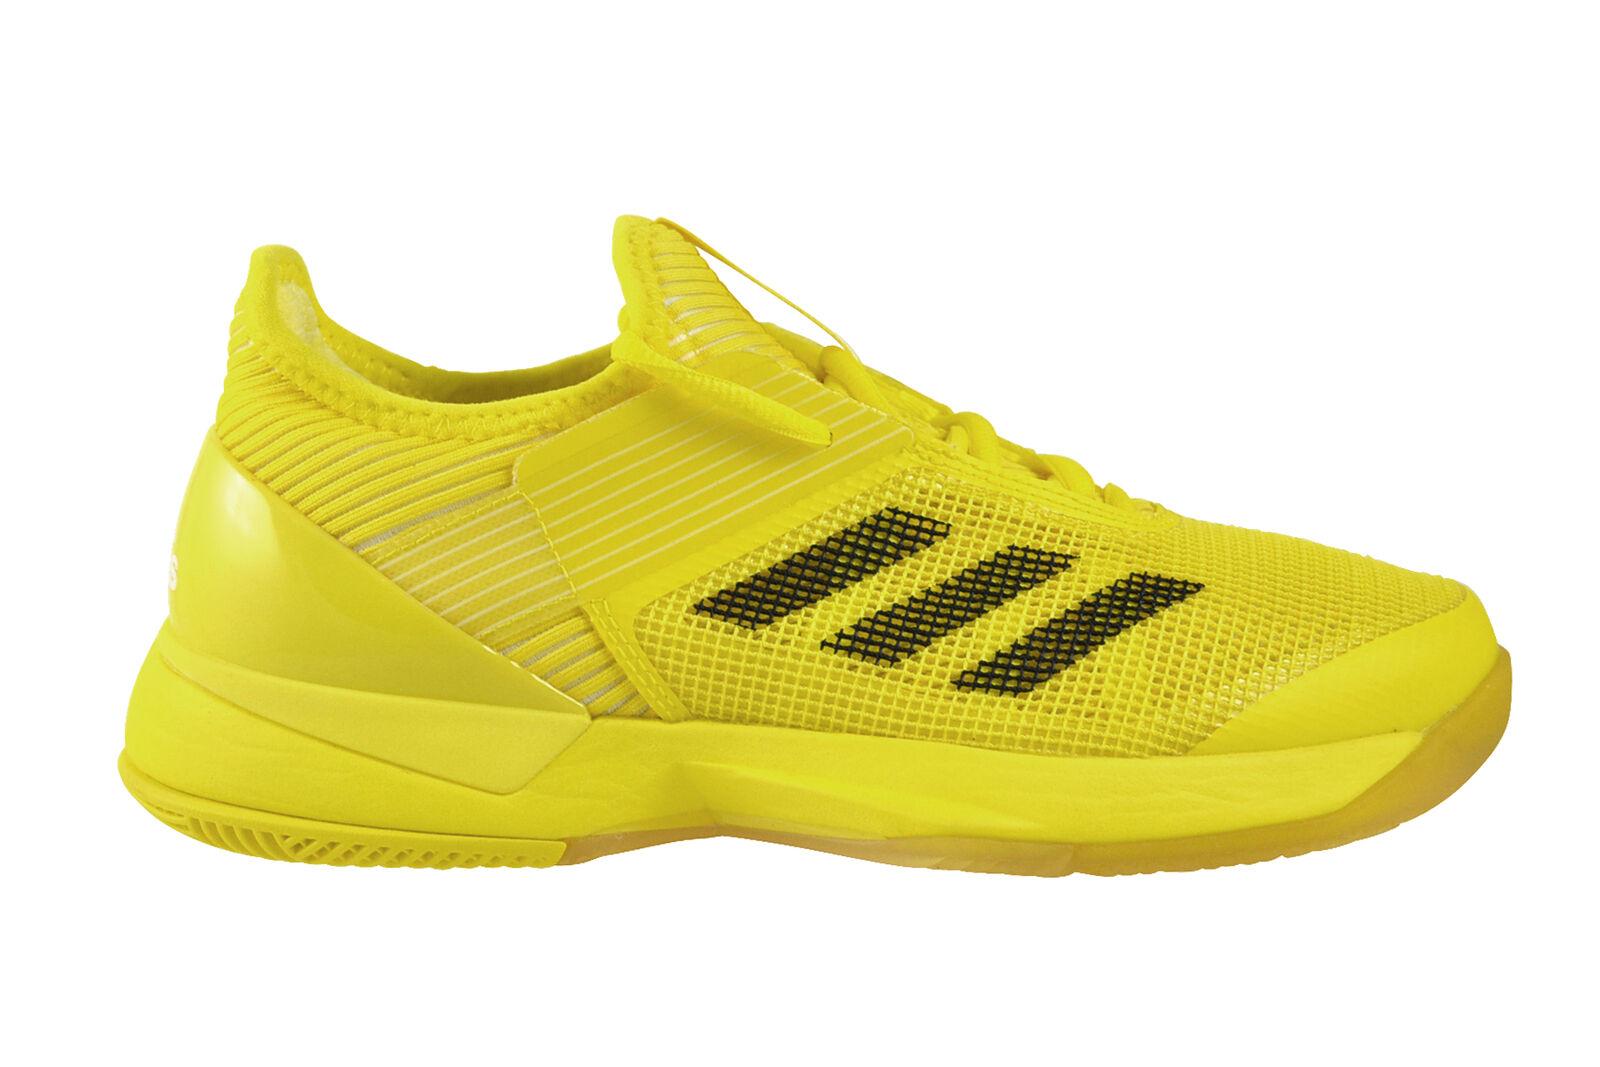 Adidas Adizero Ubersonic 3 damen Gelb schwarz Weiß Tennisschuhe gelb BY1615